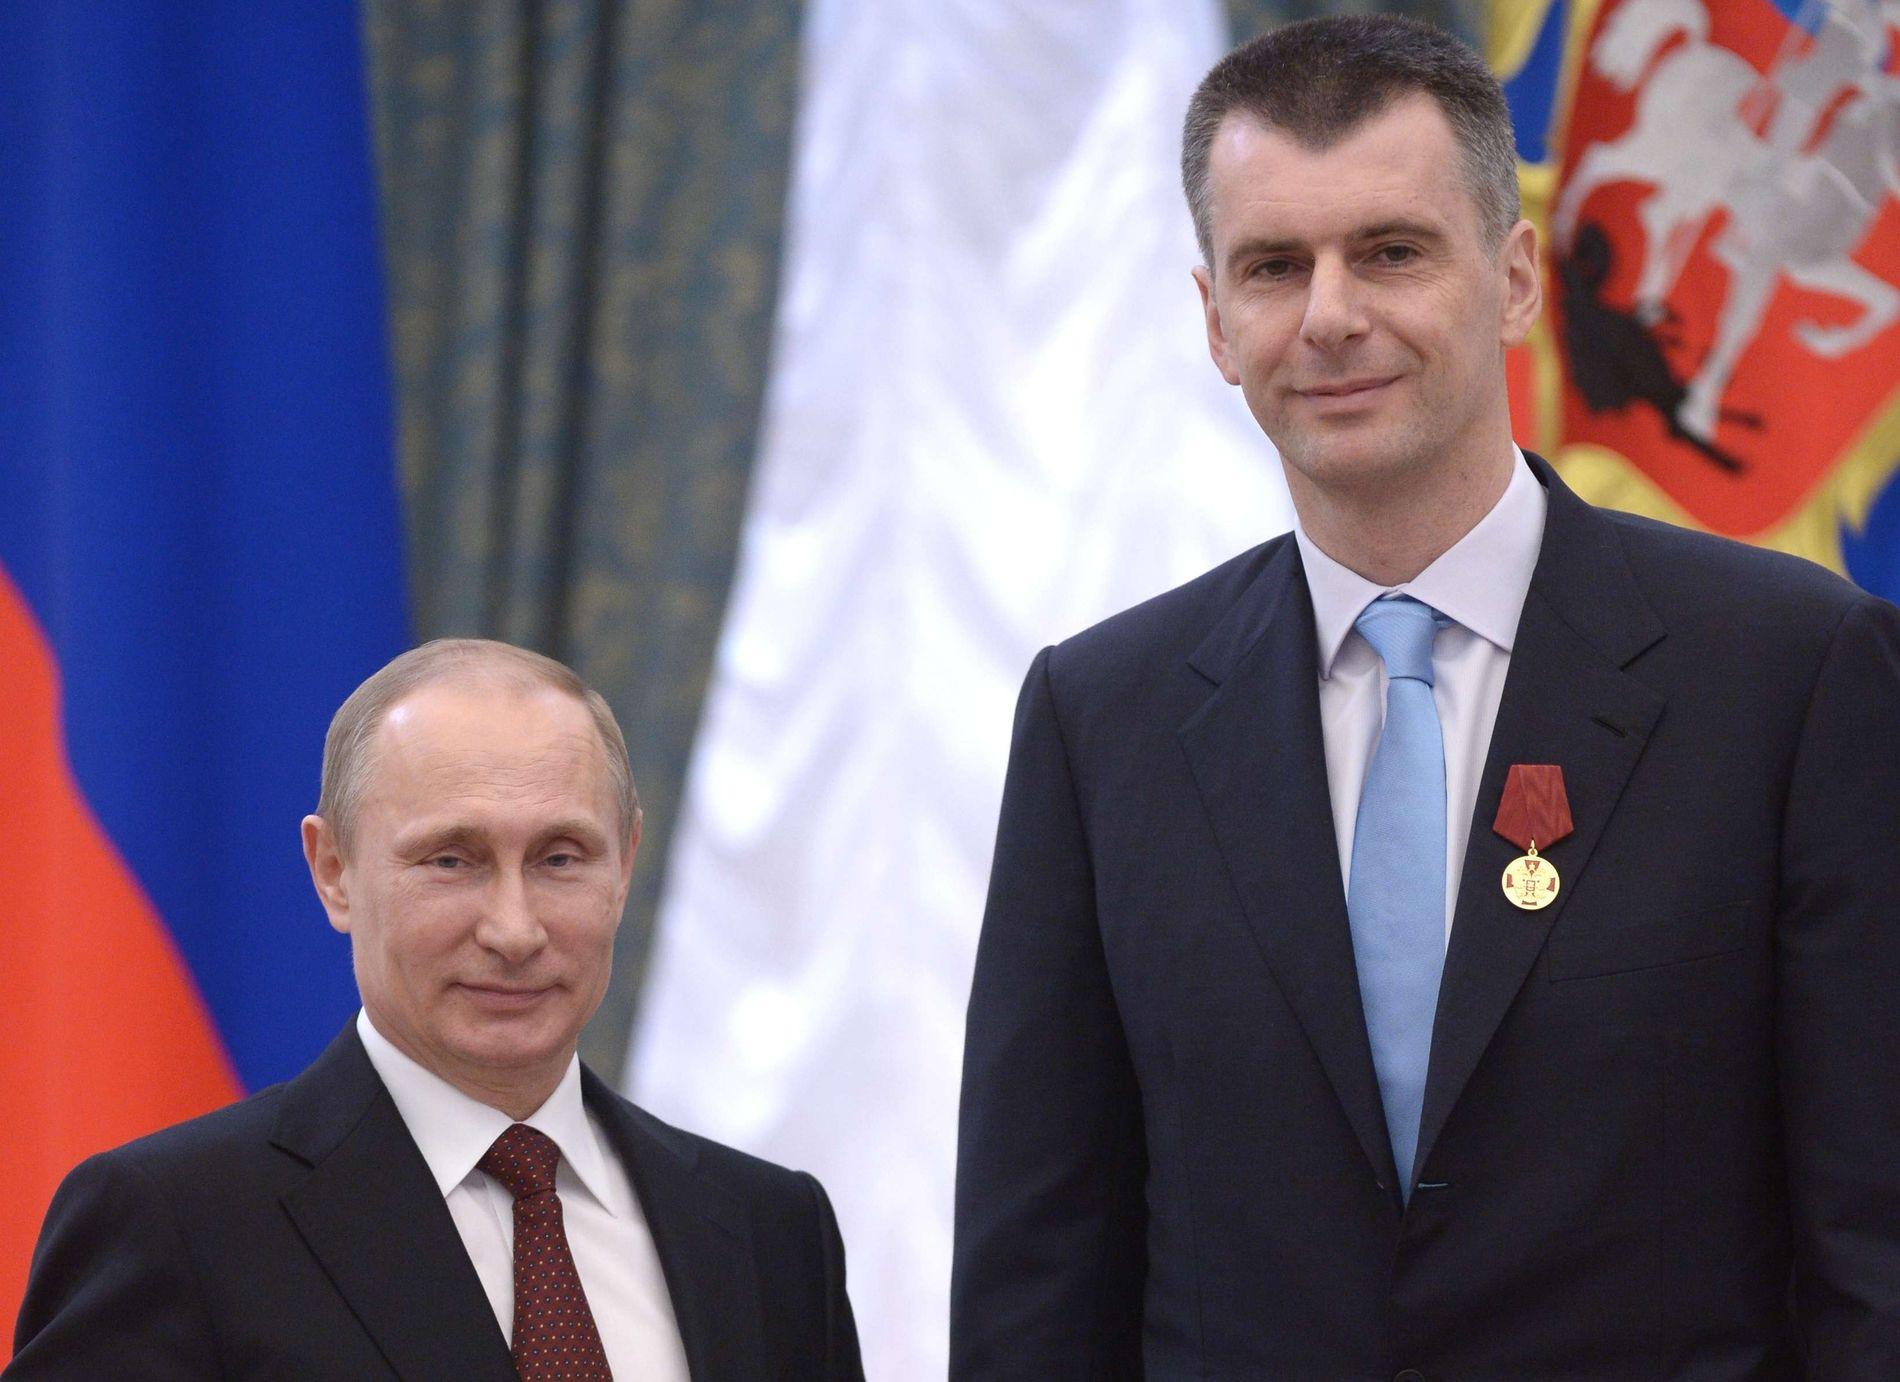 UTMERKELSE: Mikhail Prokhorov fotografert i forbindelse med at han fikk en utmerkelse utdelt av president Vladimir Putin i Kreml.